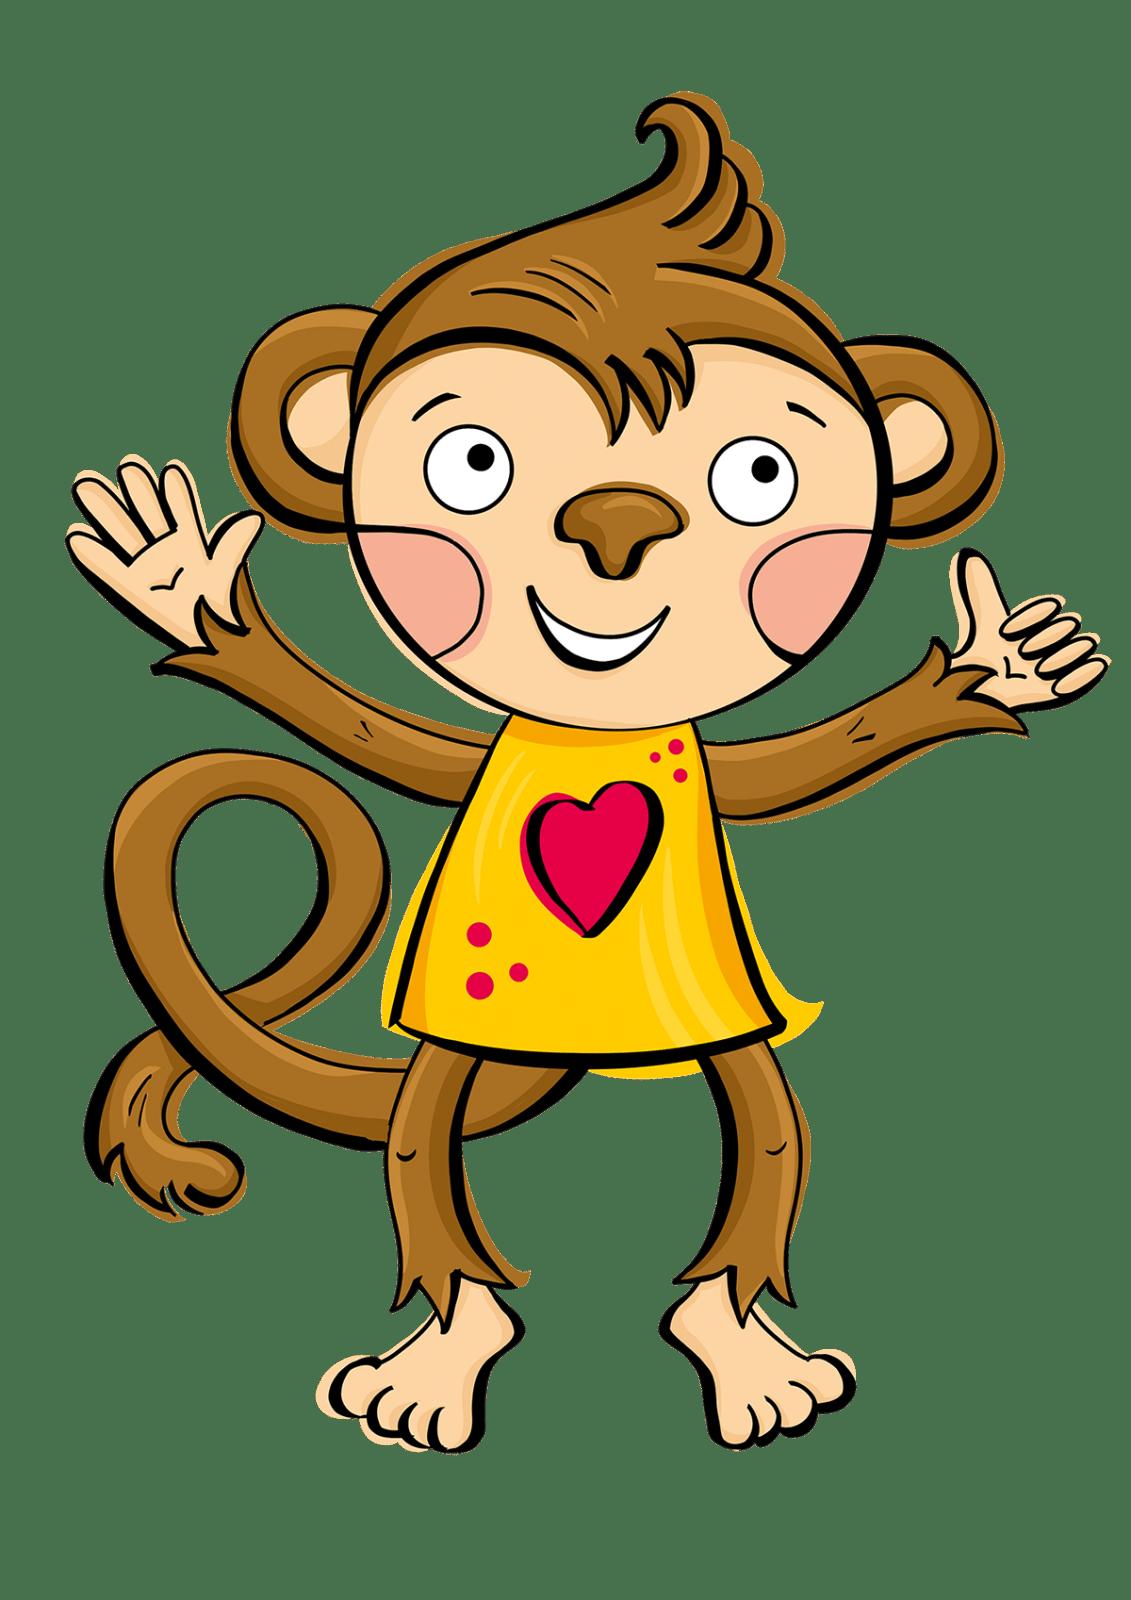 projekt edukacyjny Szlachetnie i zdrowo z małpką Iwoną